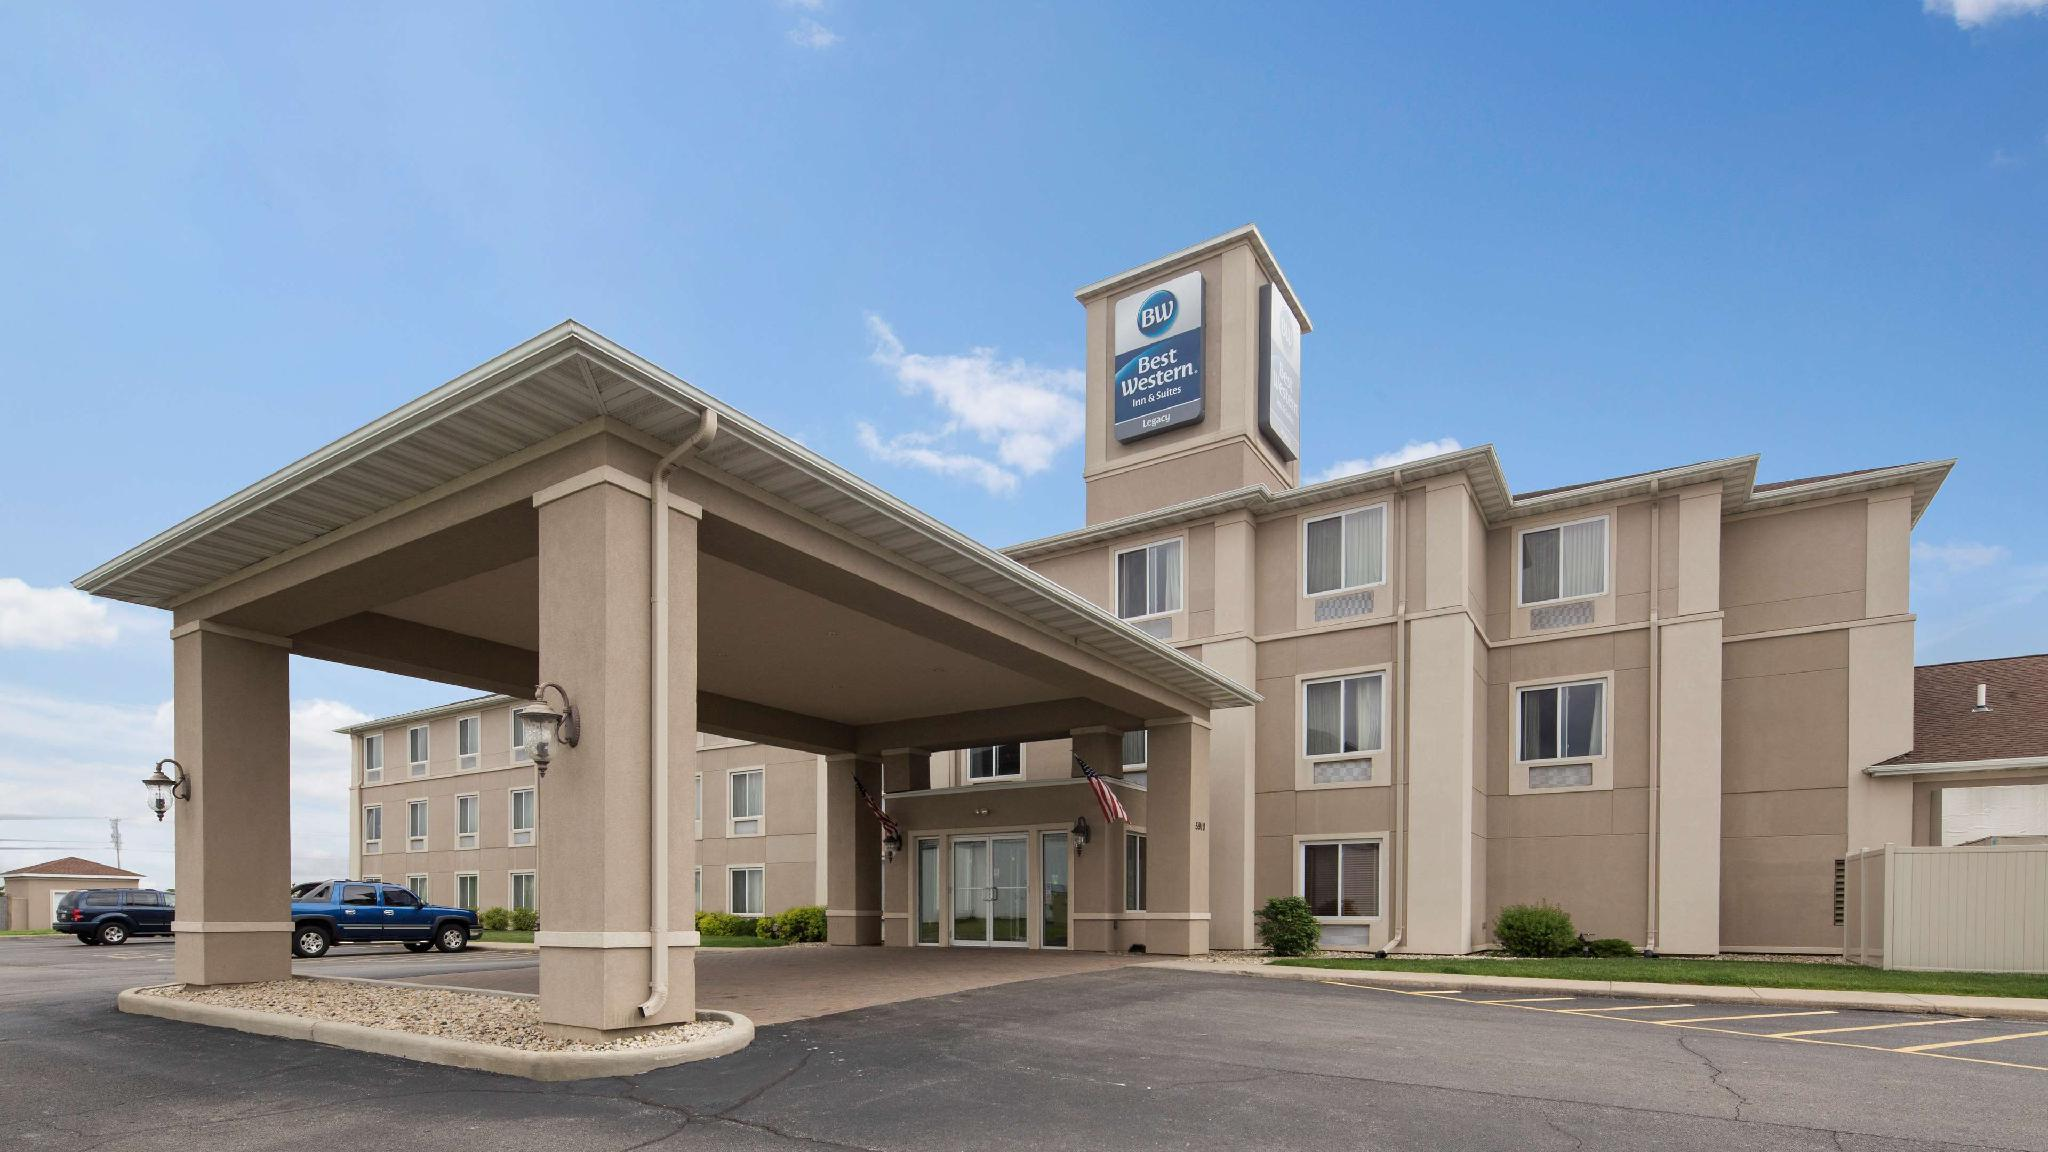 Best Western Legacy Inn and Suites Beloit-South Beloit